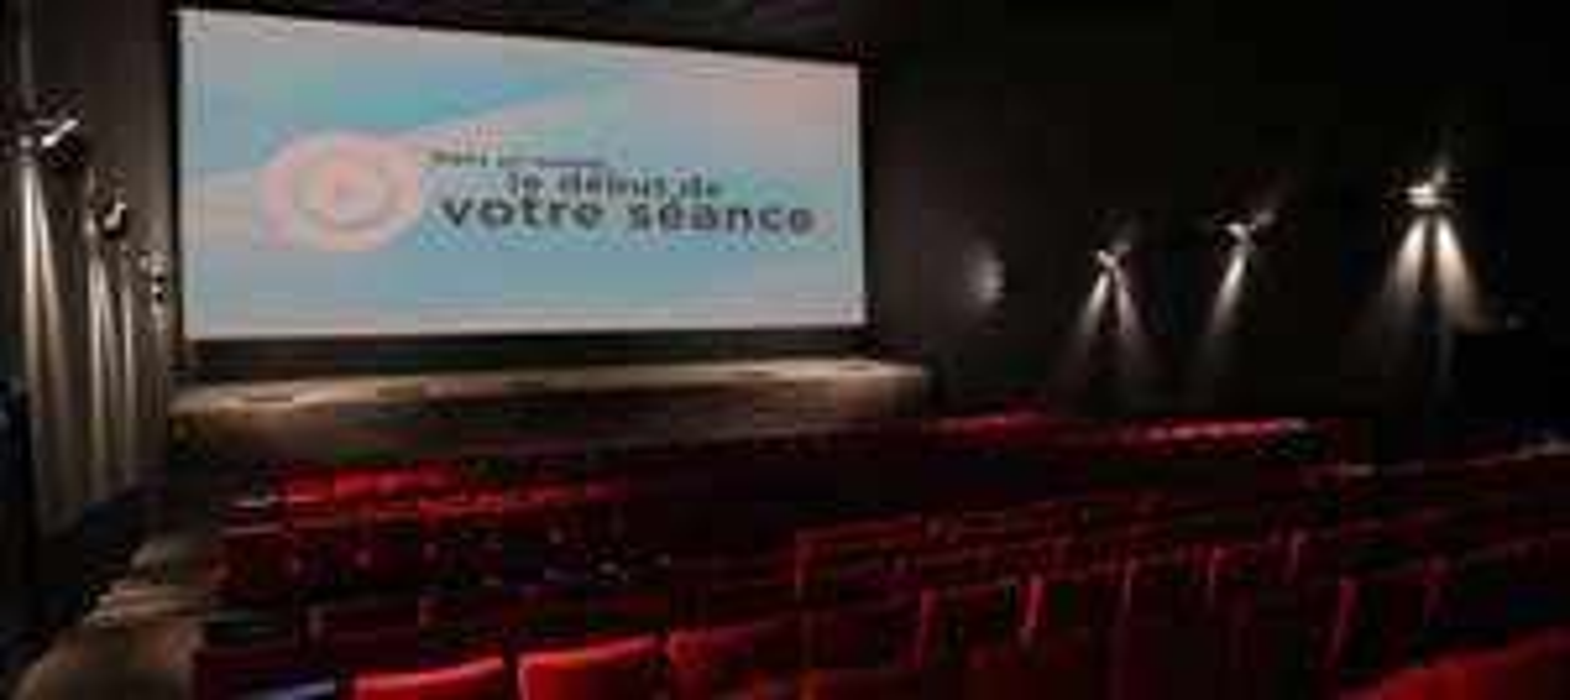 [Jeun'Est] Jusqu'à 5 places de cinéma à 1€ dans les cinémas partenaires du Grand Est - GrandEst.fr